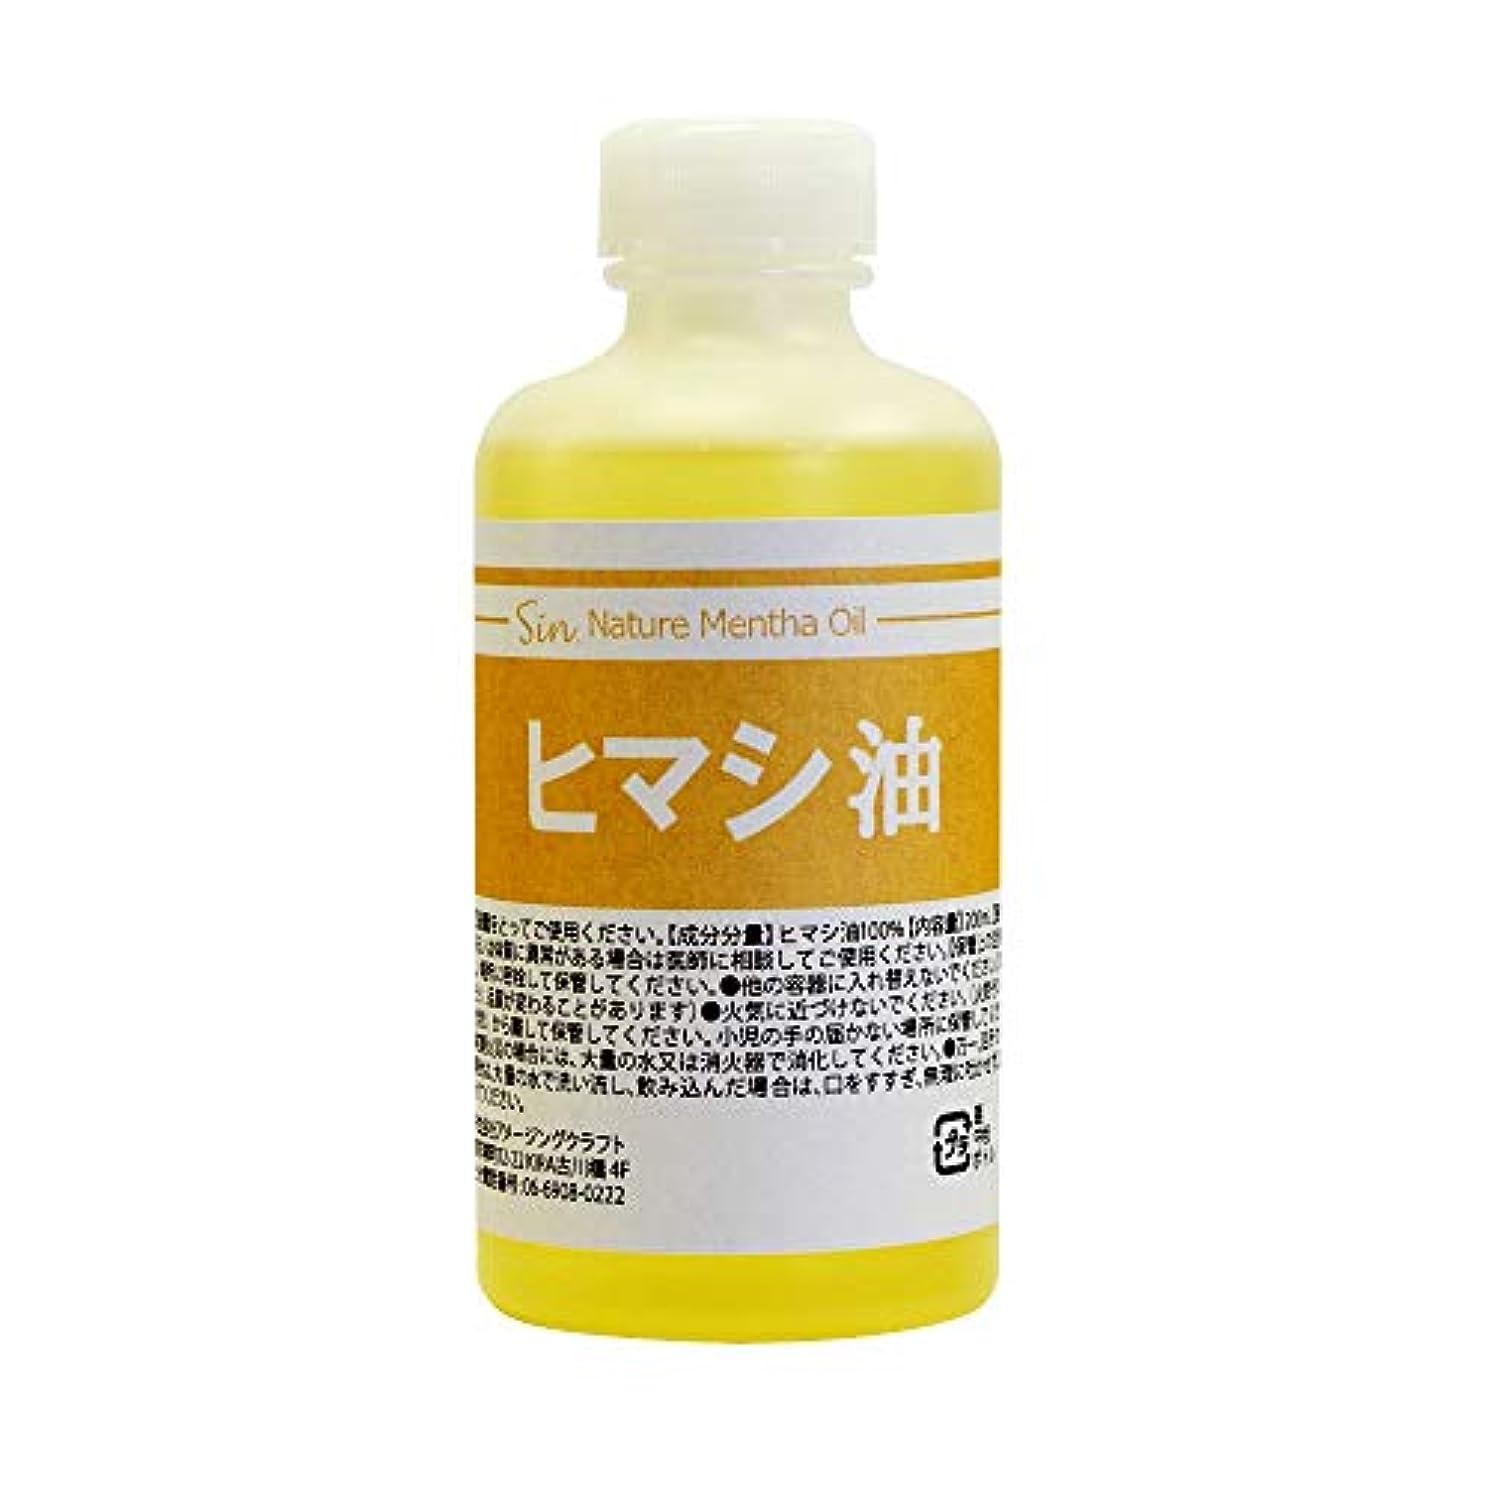 休戦本体水銀の天然無添加 国内精製ひまし油 (キャスターオイル) 200ml